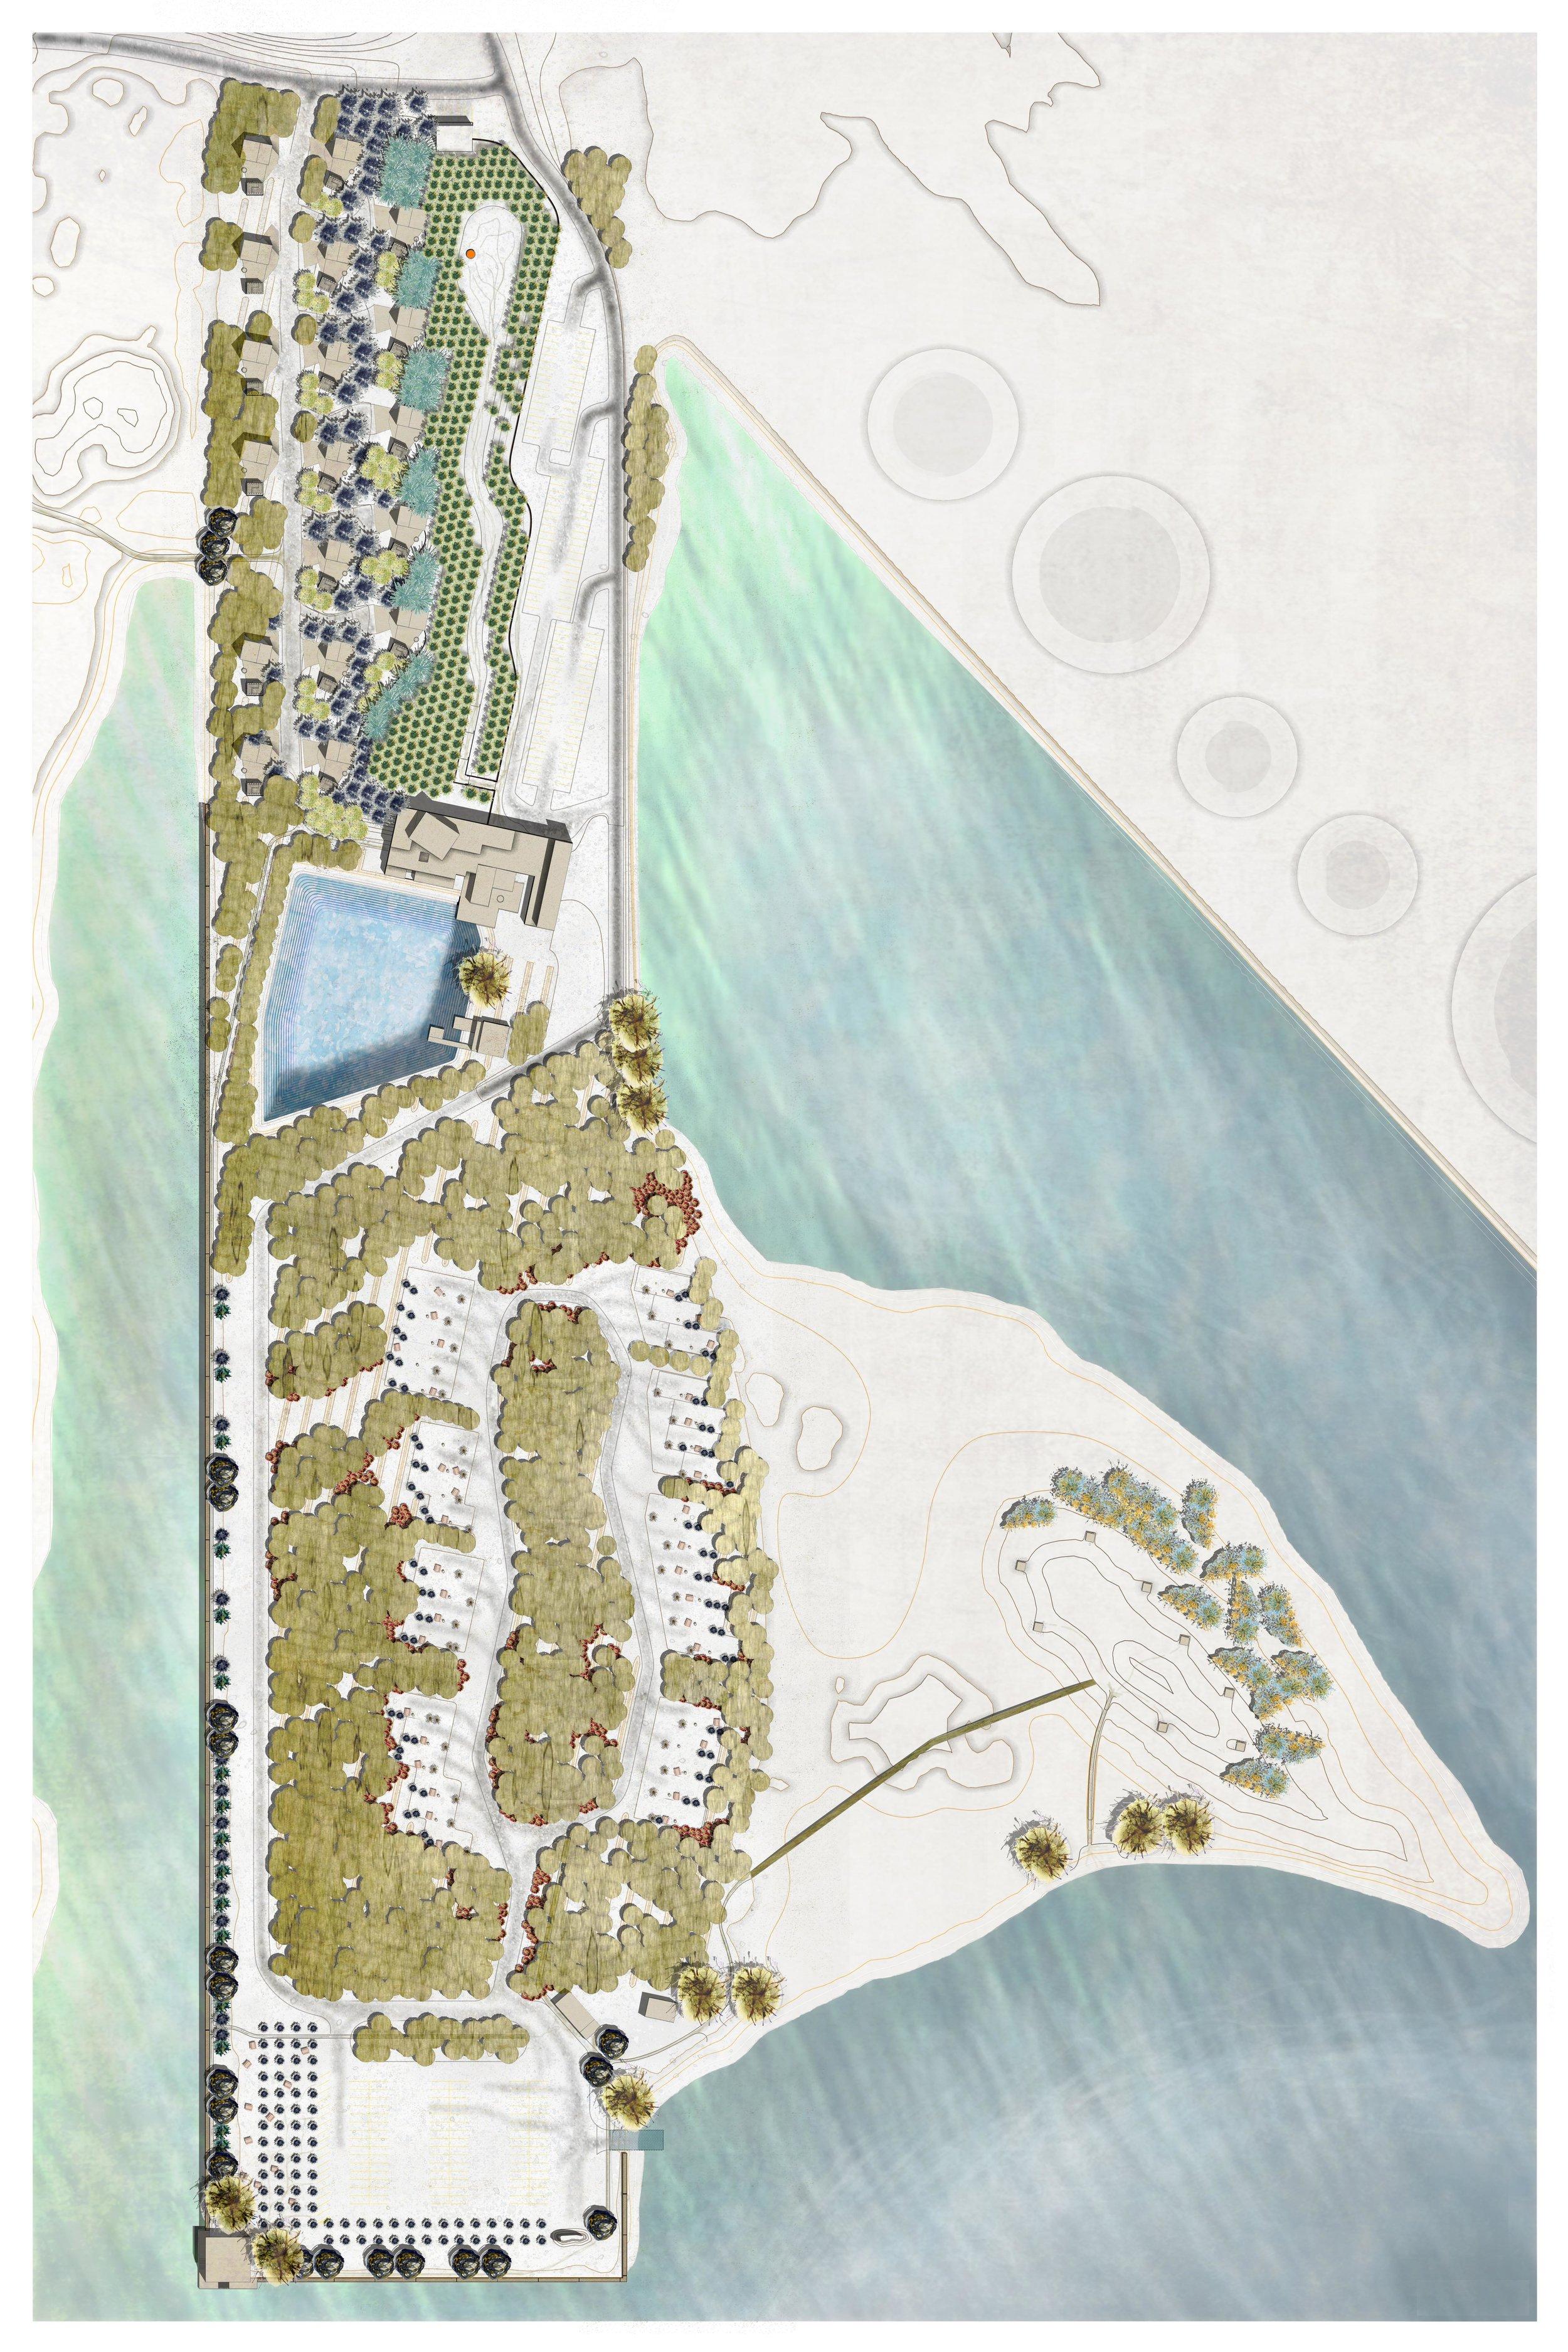 Dock 7 master plan